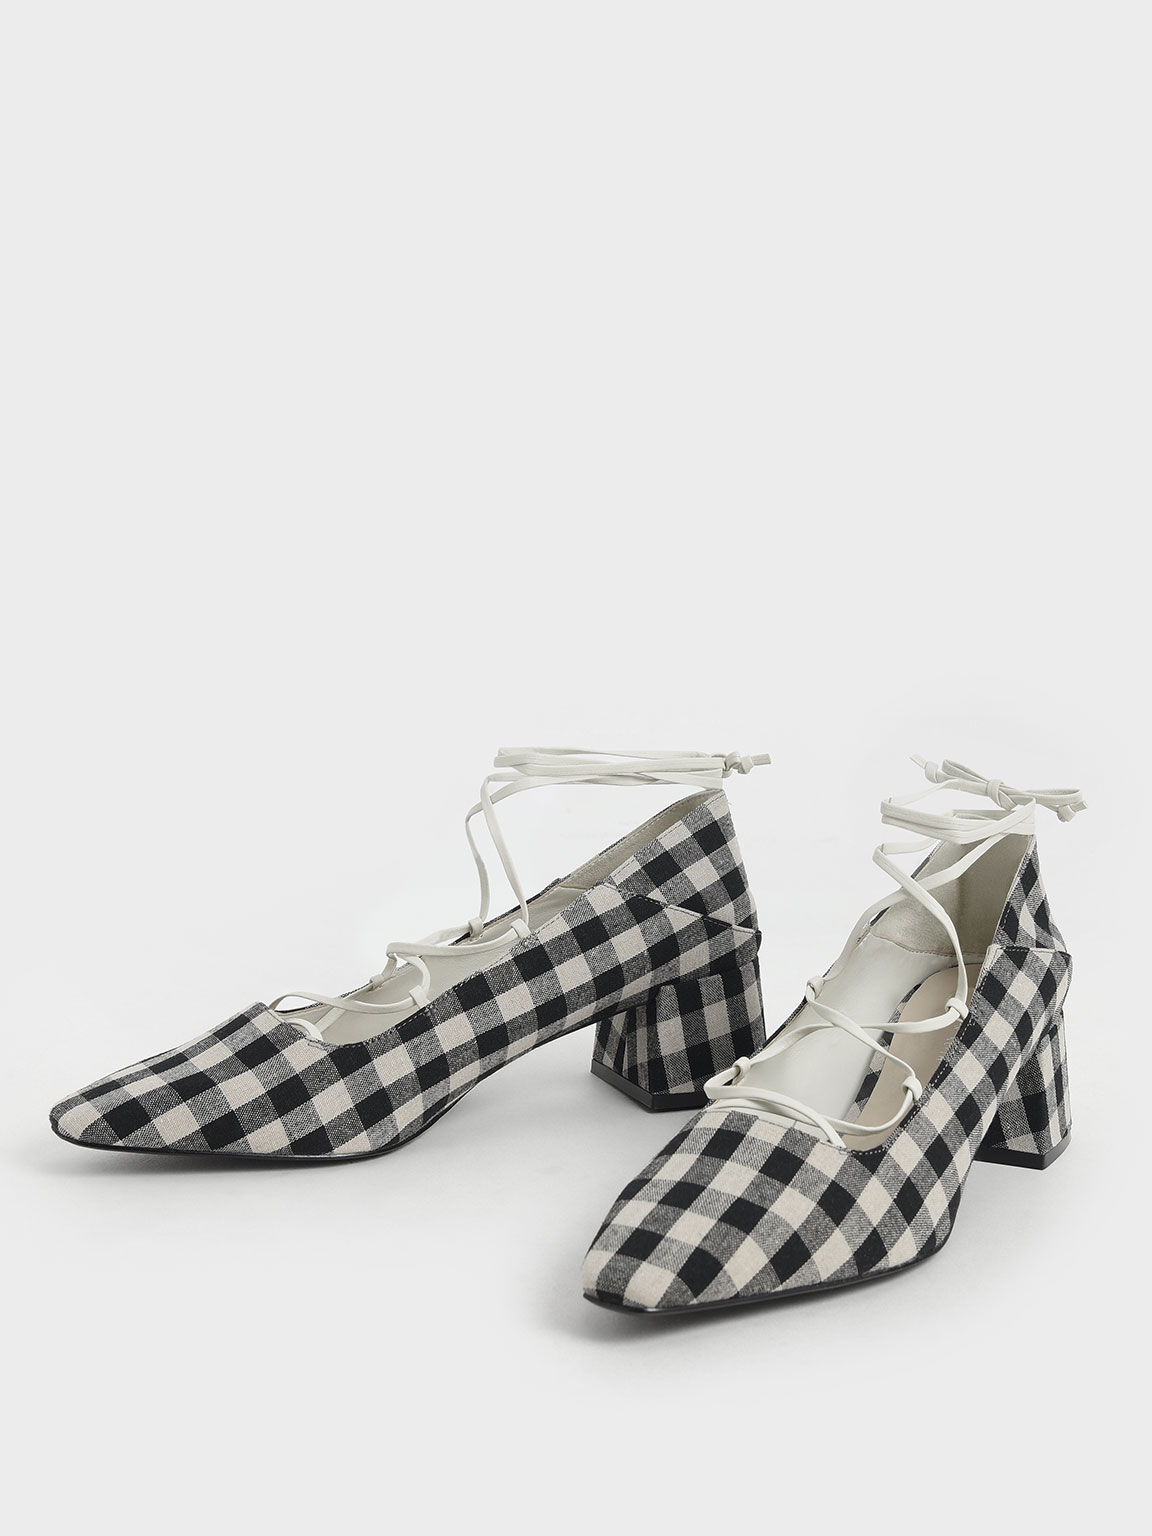 繫踝綁帶格紋鞋, 黑色, hi-res